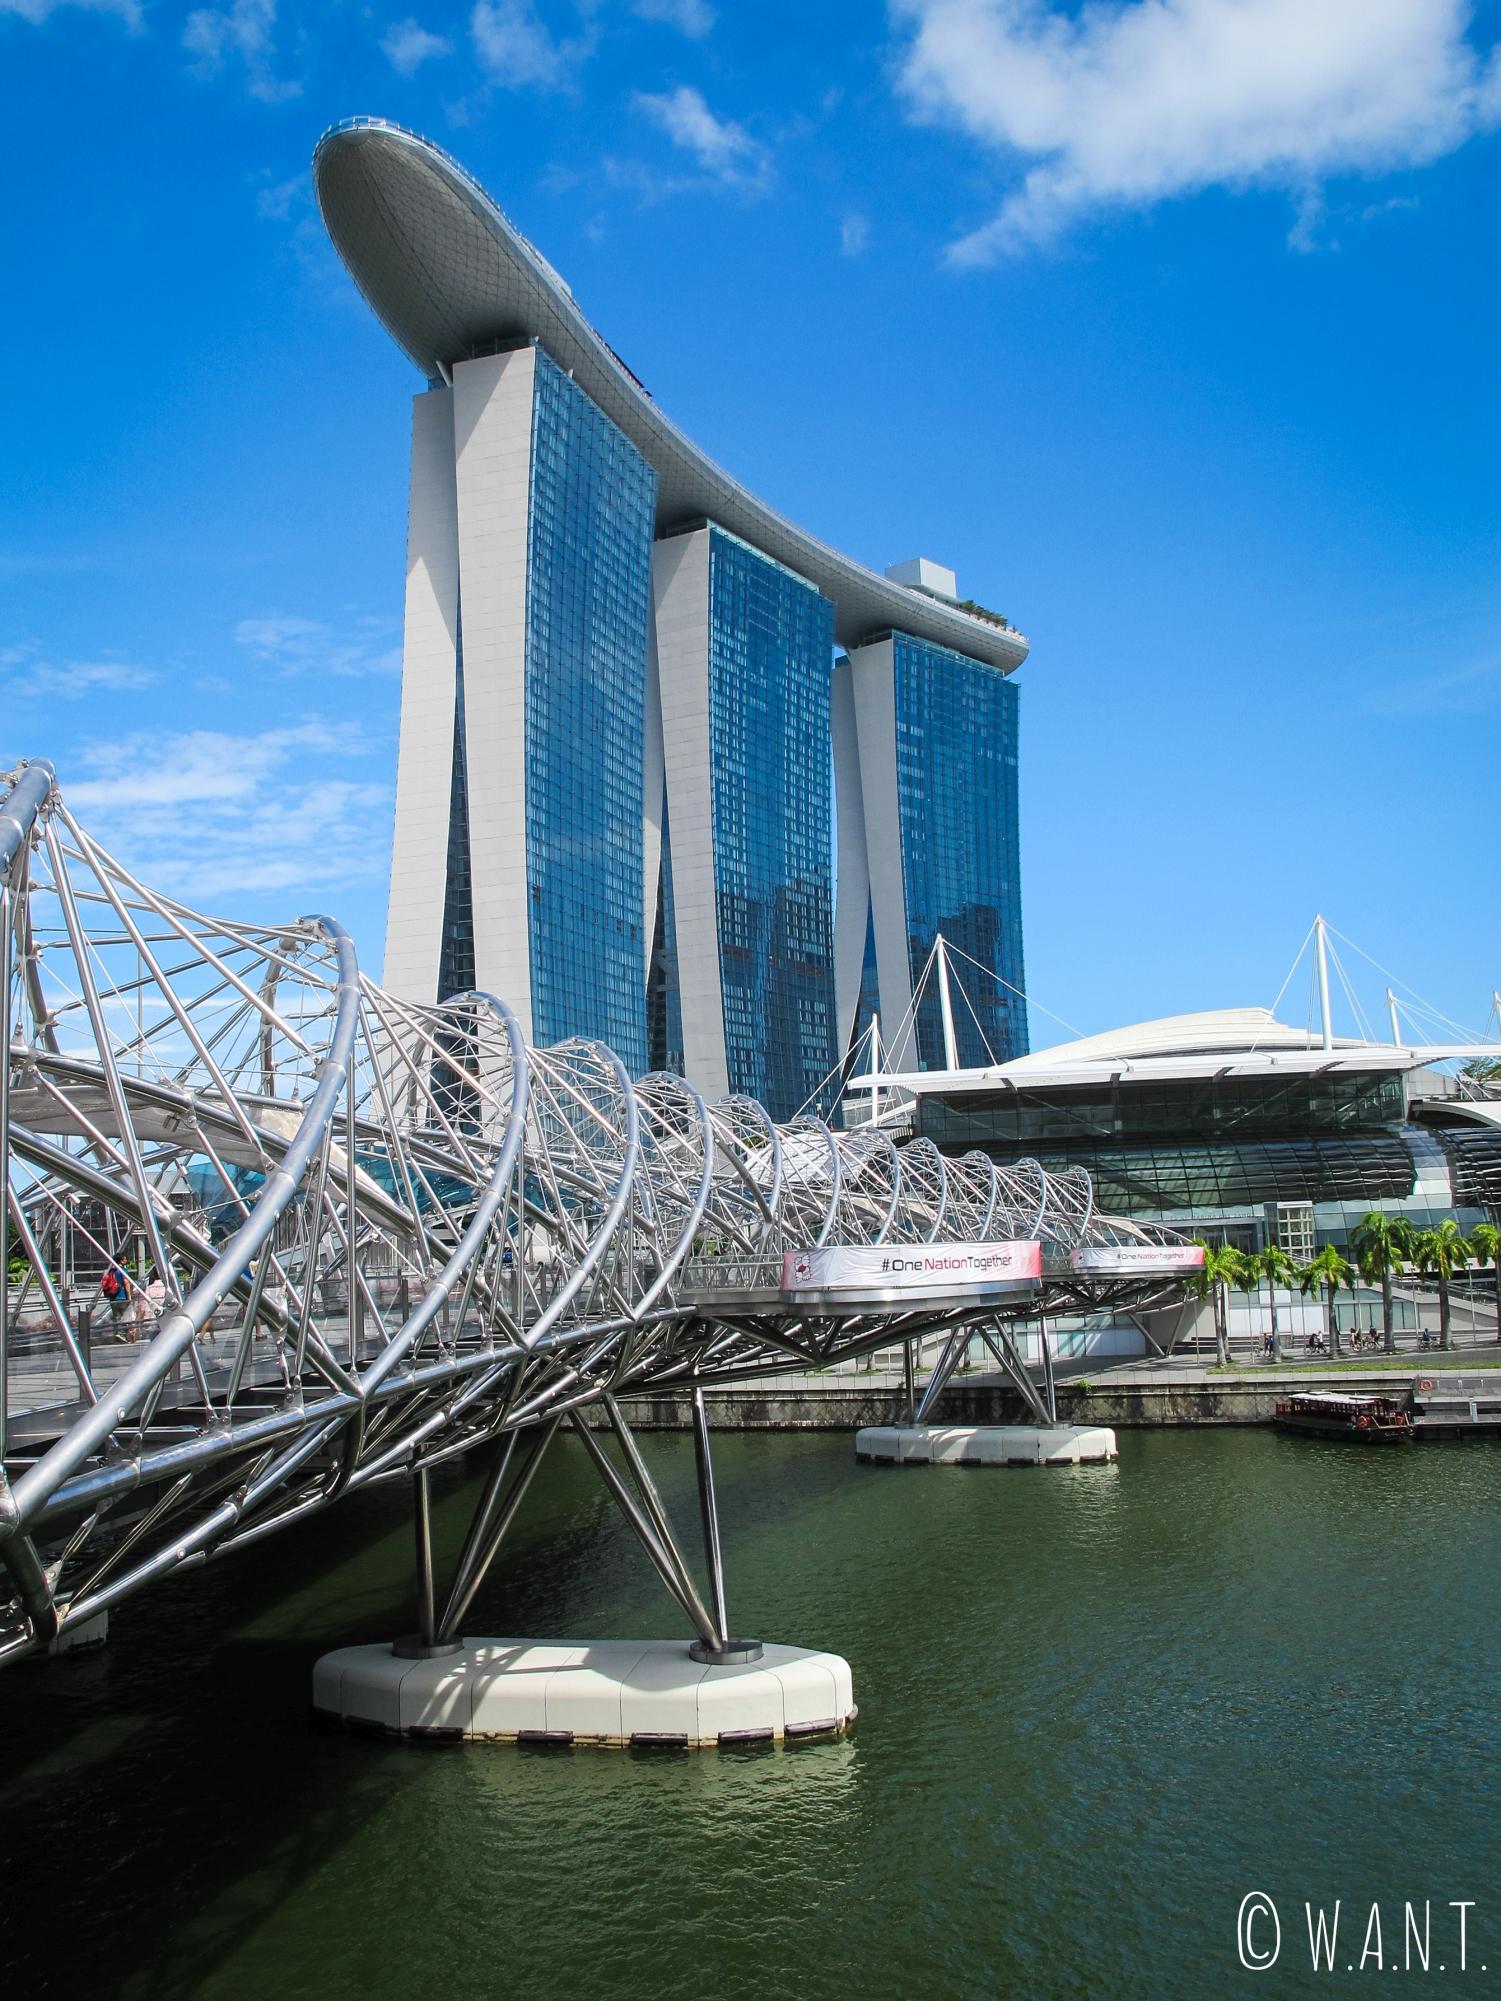 Il faut traverser le Helix bridge pour arriver aux pieds du Marina Bay Sands